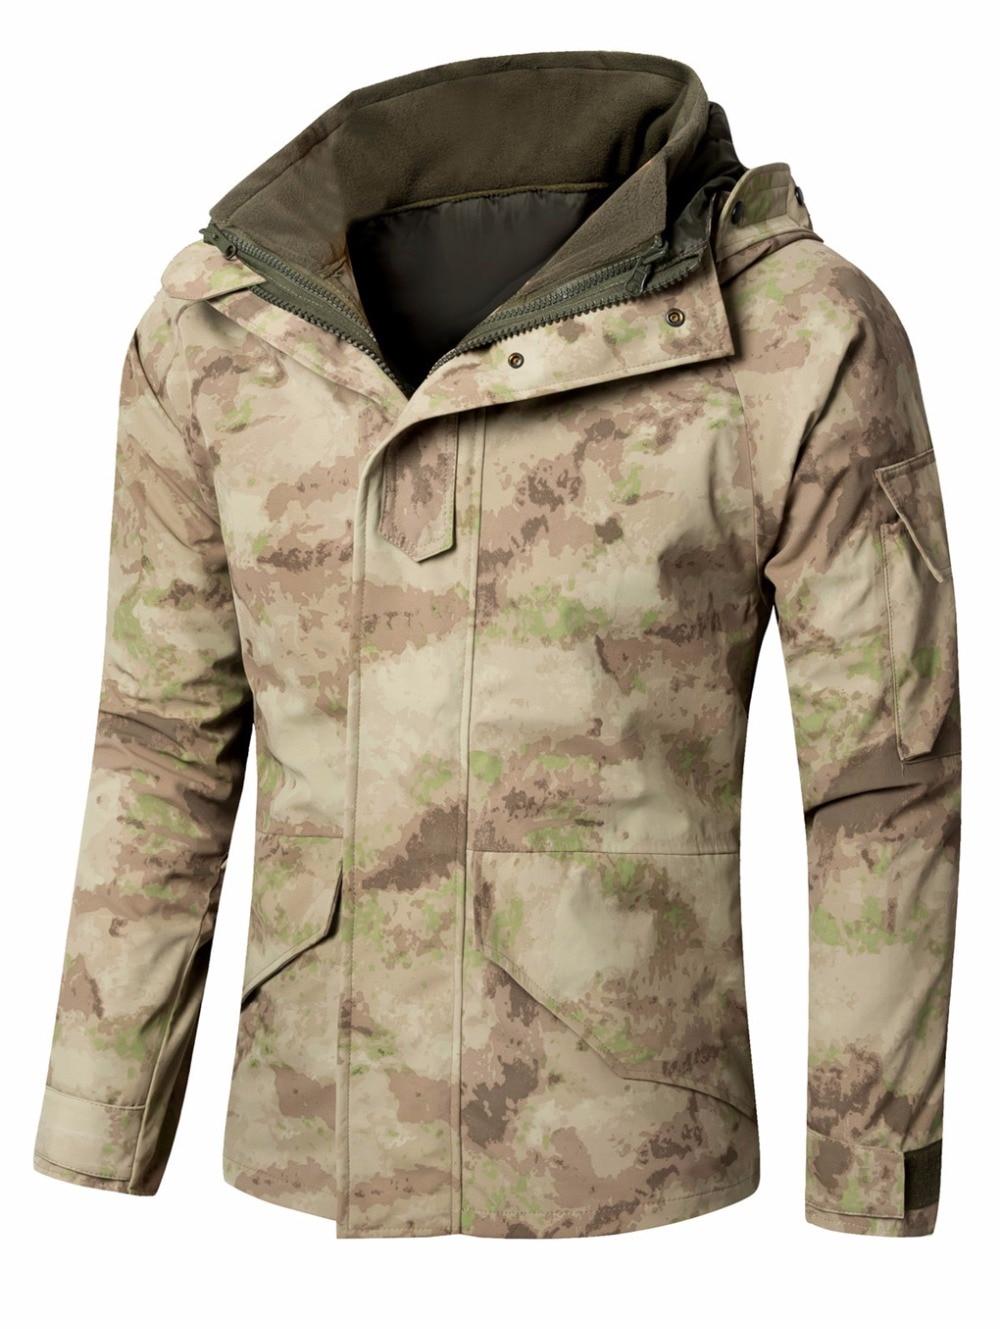 водонепроницаемый куртка с капюшоном с доставкой в Россию